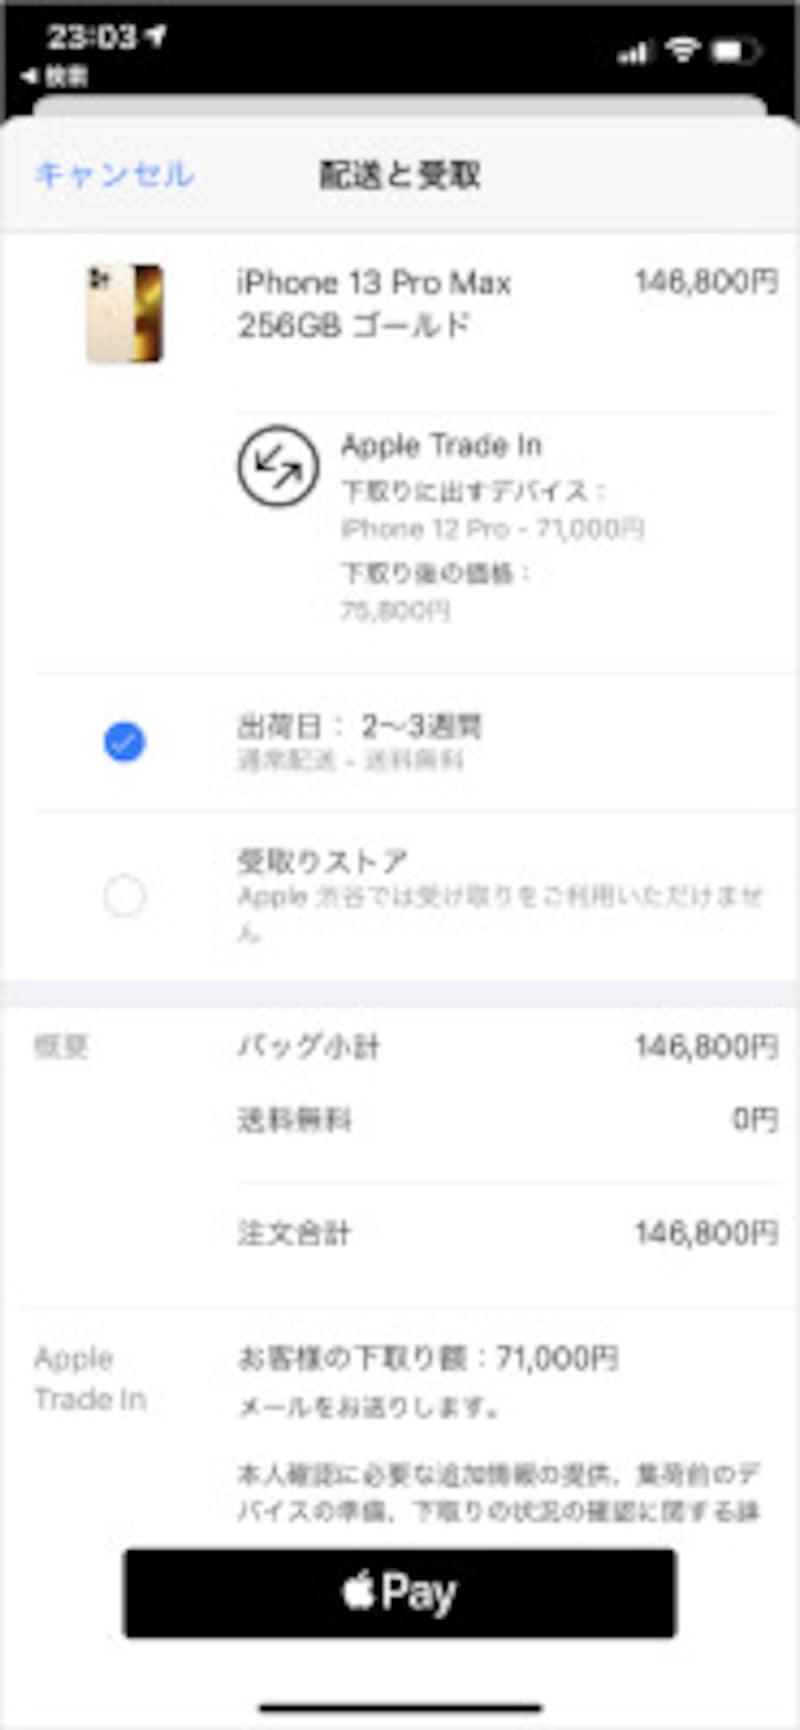 筆者はiPhone13ProMax256GBを予約しました